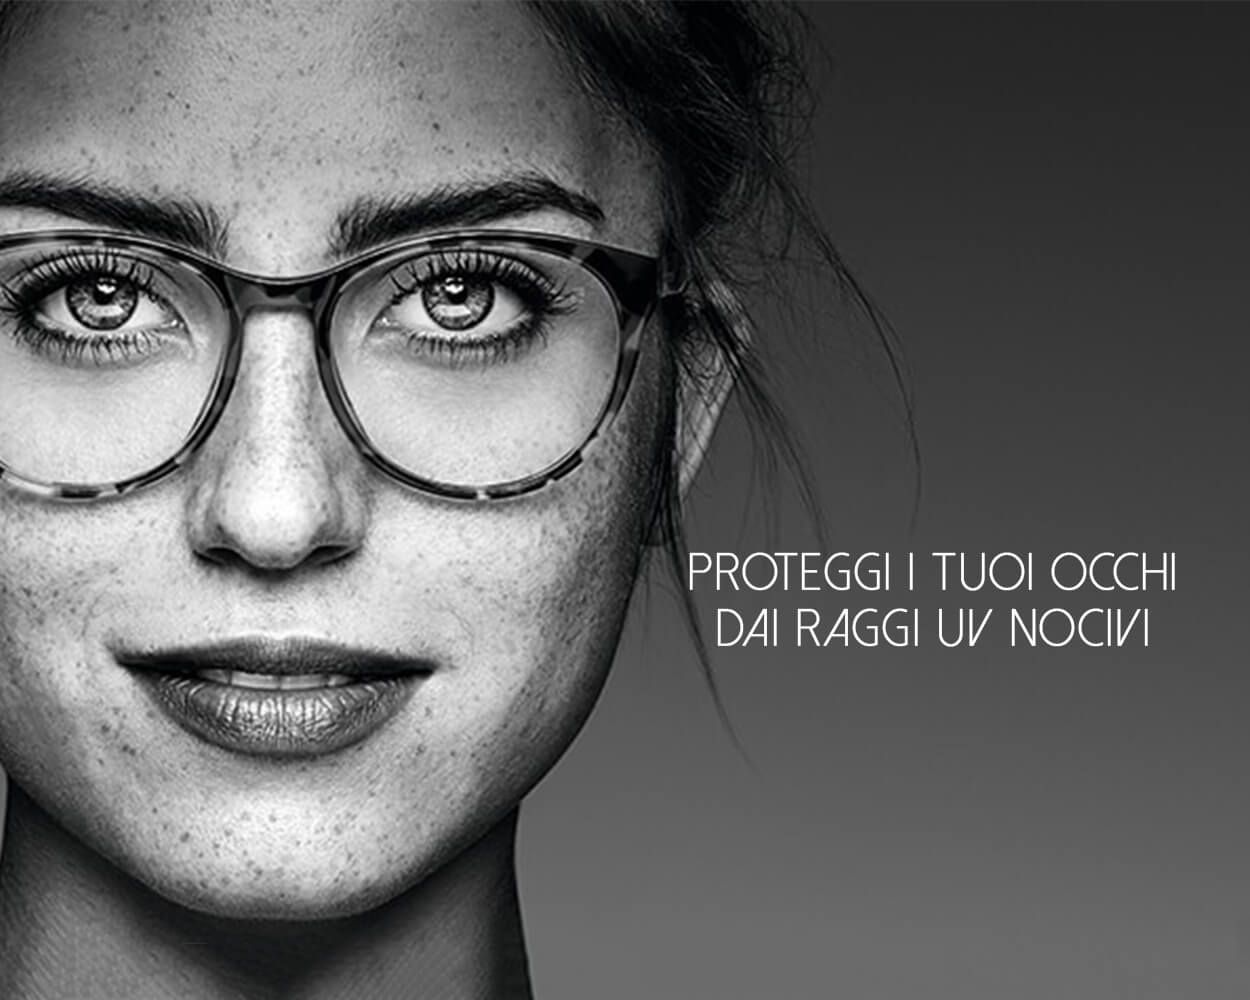 campagna sponsorizzata facebook raggi uv